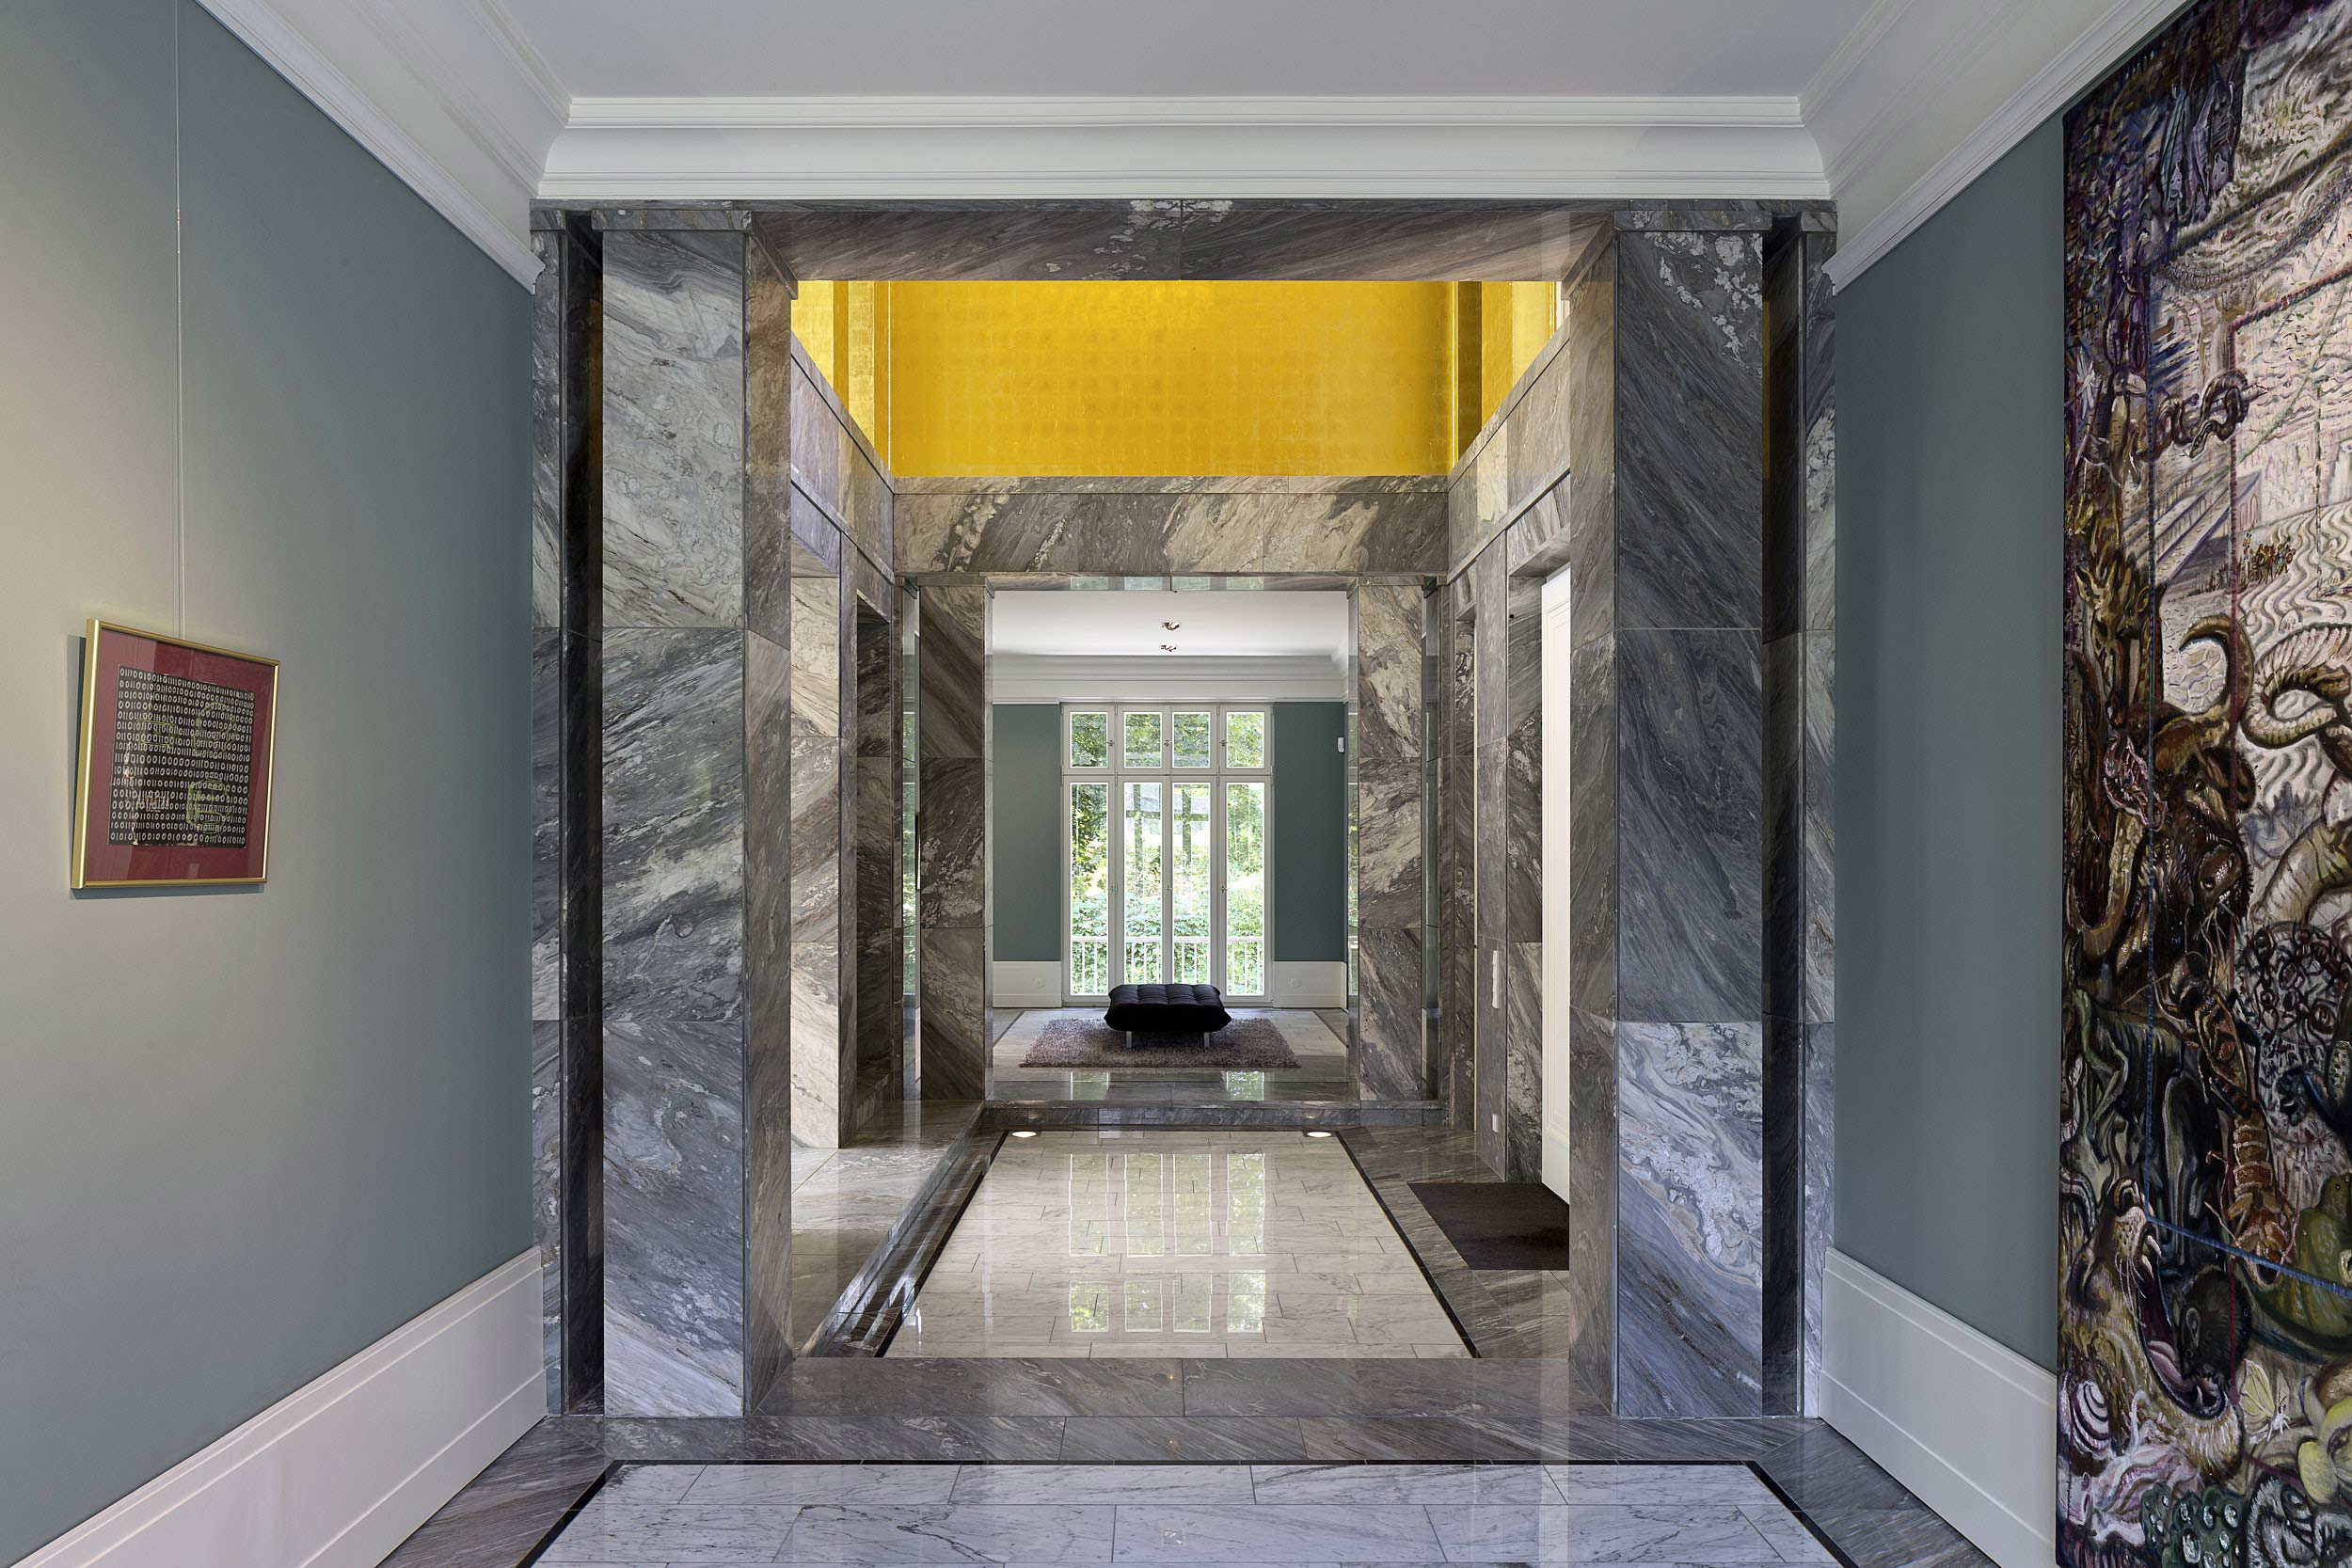 Neubau einer Villa im neoklassizistischen Stil - Die lichtdurchflutete Galerie im Eingangsbereich dient Wechselausstellungen